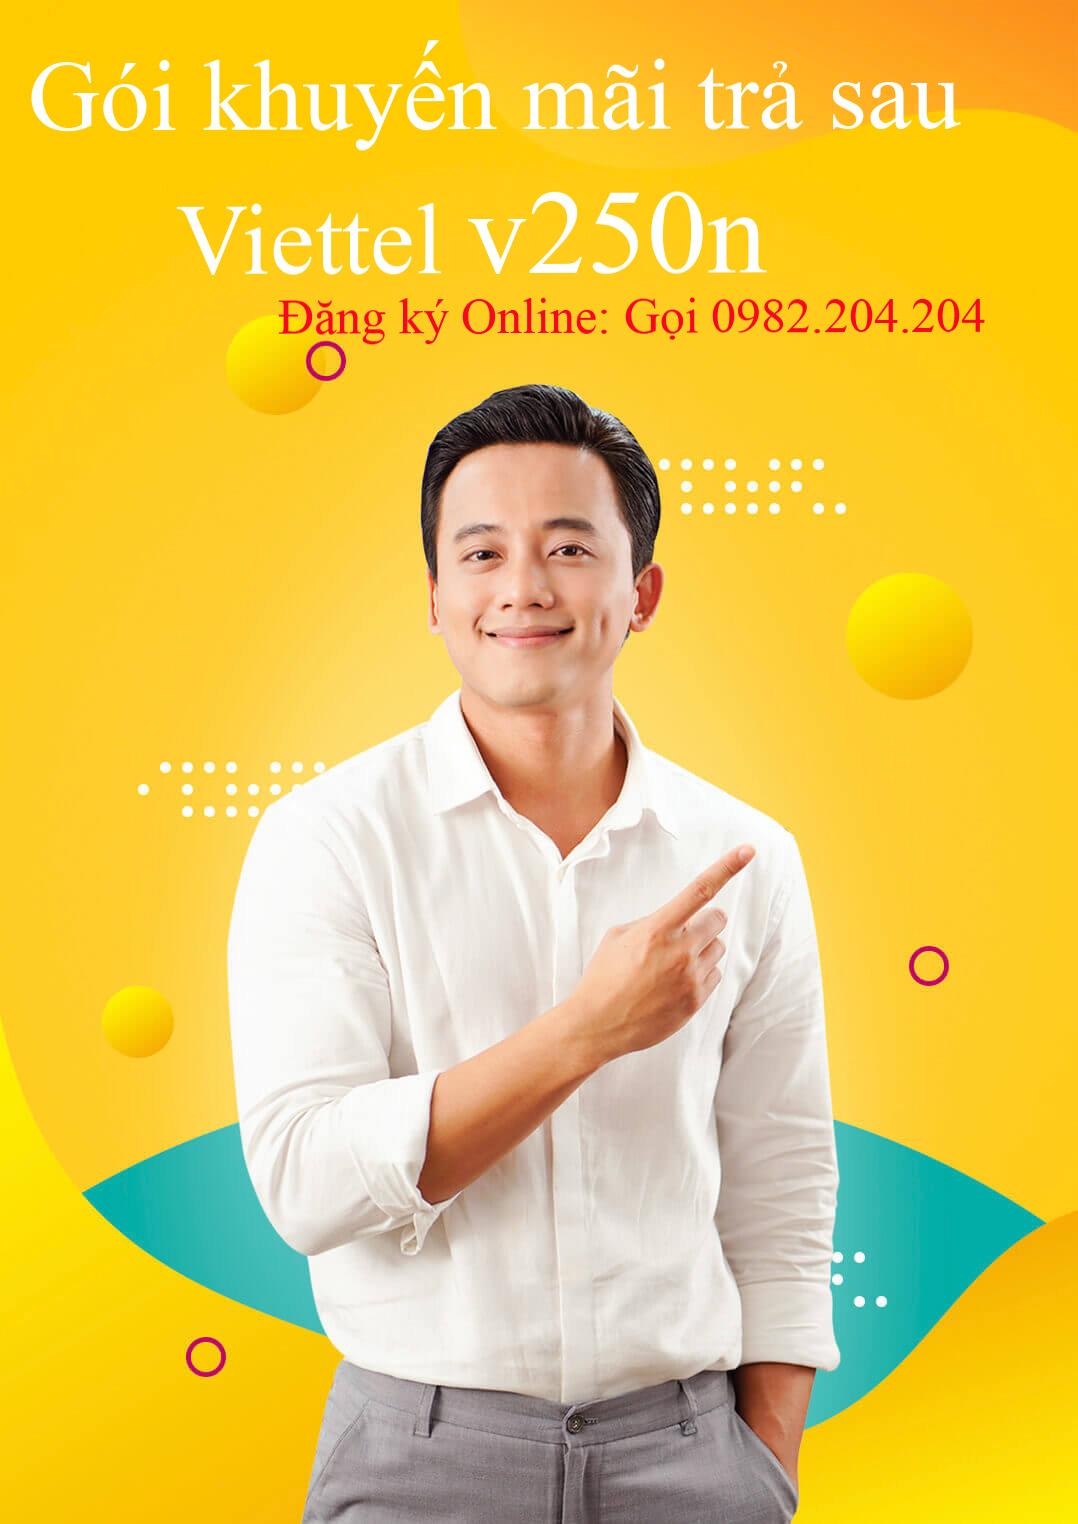 Gói cước di động trả sau Viettel doanh nghiệp V250N.